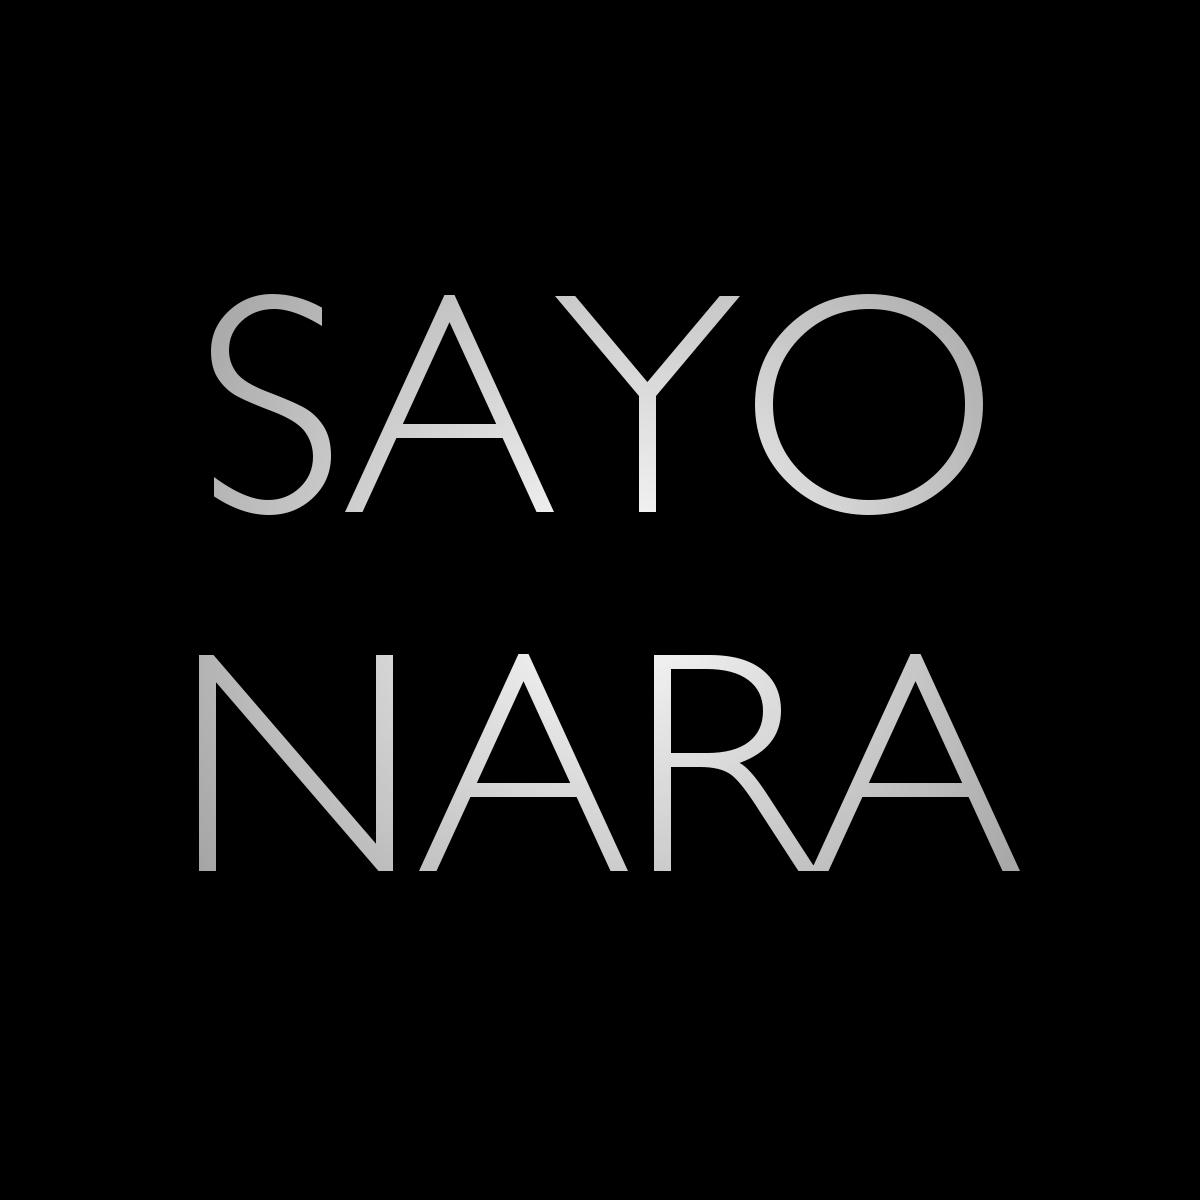 Upcoming: Sayonara - Du Bist So Perfekt